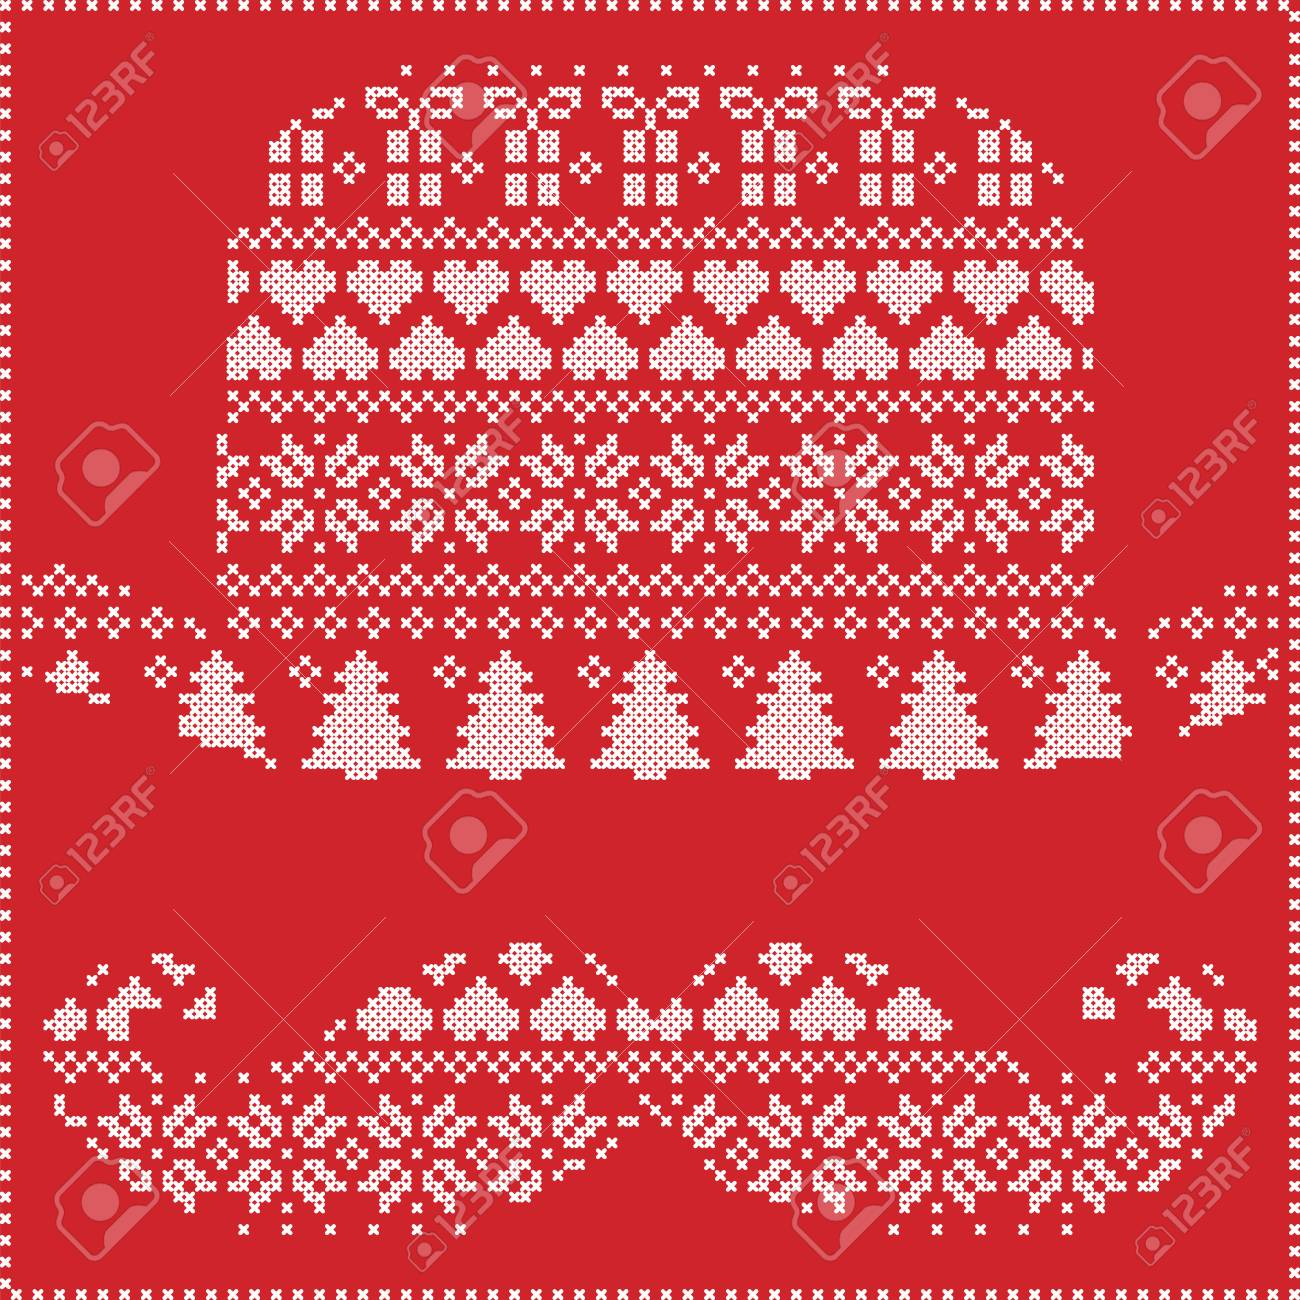 Patrón De Navidad Nórdica Costura Invierno Tejer Escandinavo En ...